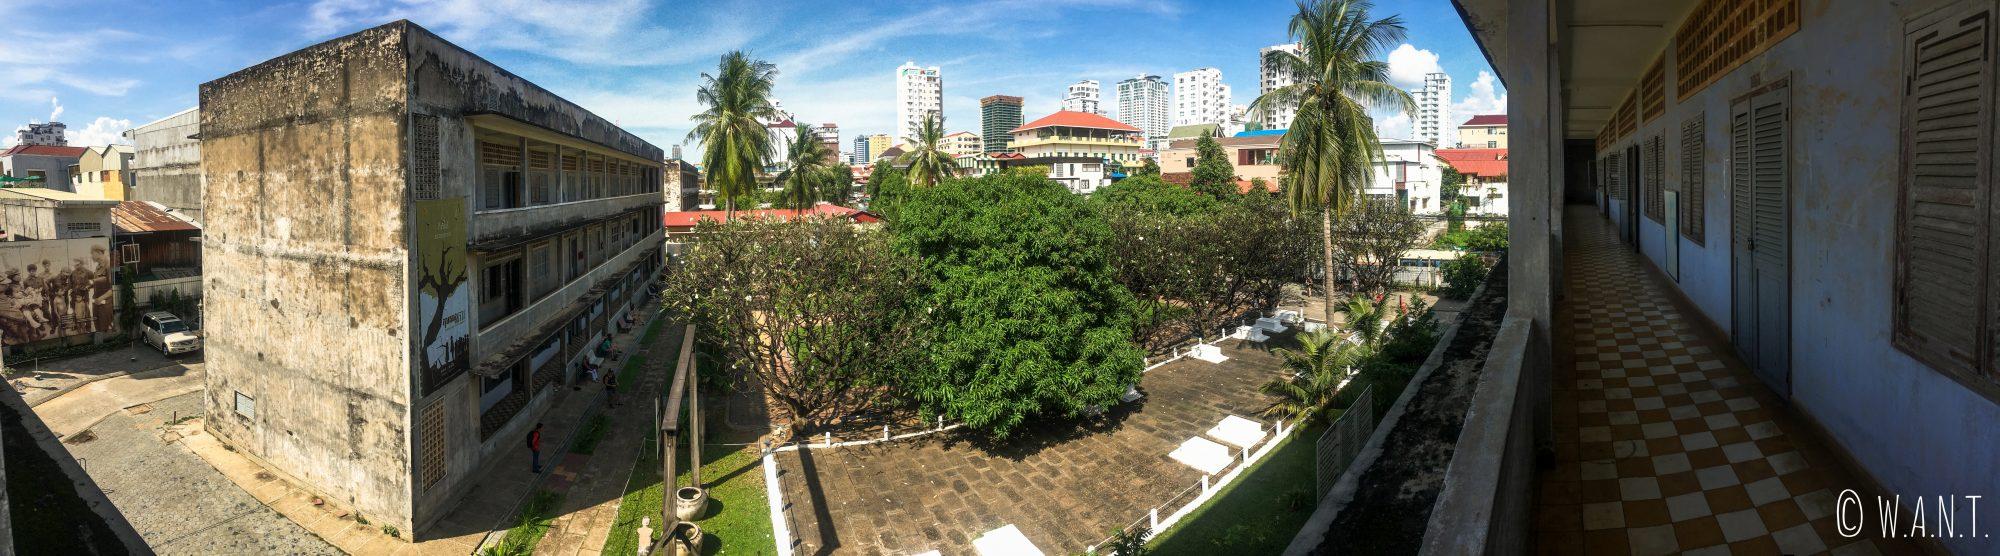 Panorama depuis l'un des couloirs extérieurs de S-21 à Phnom Penh